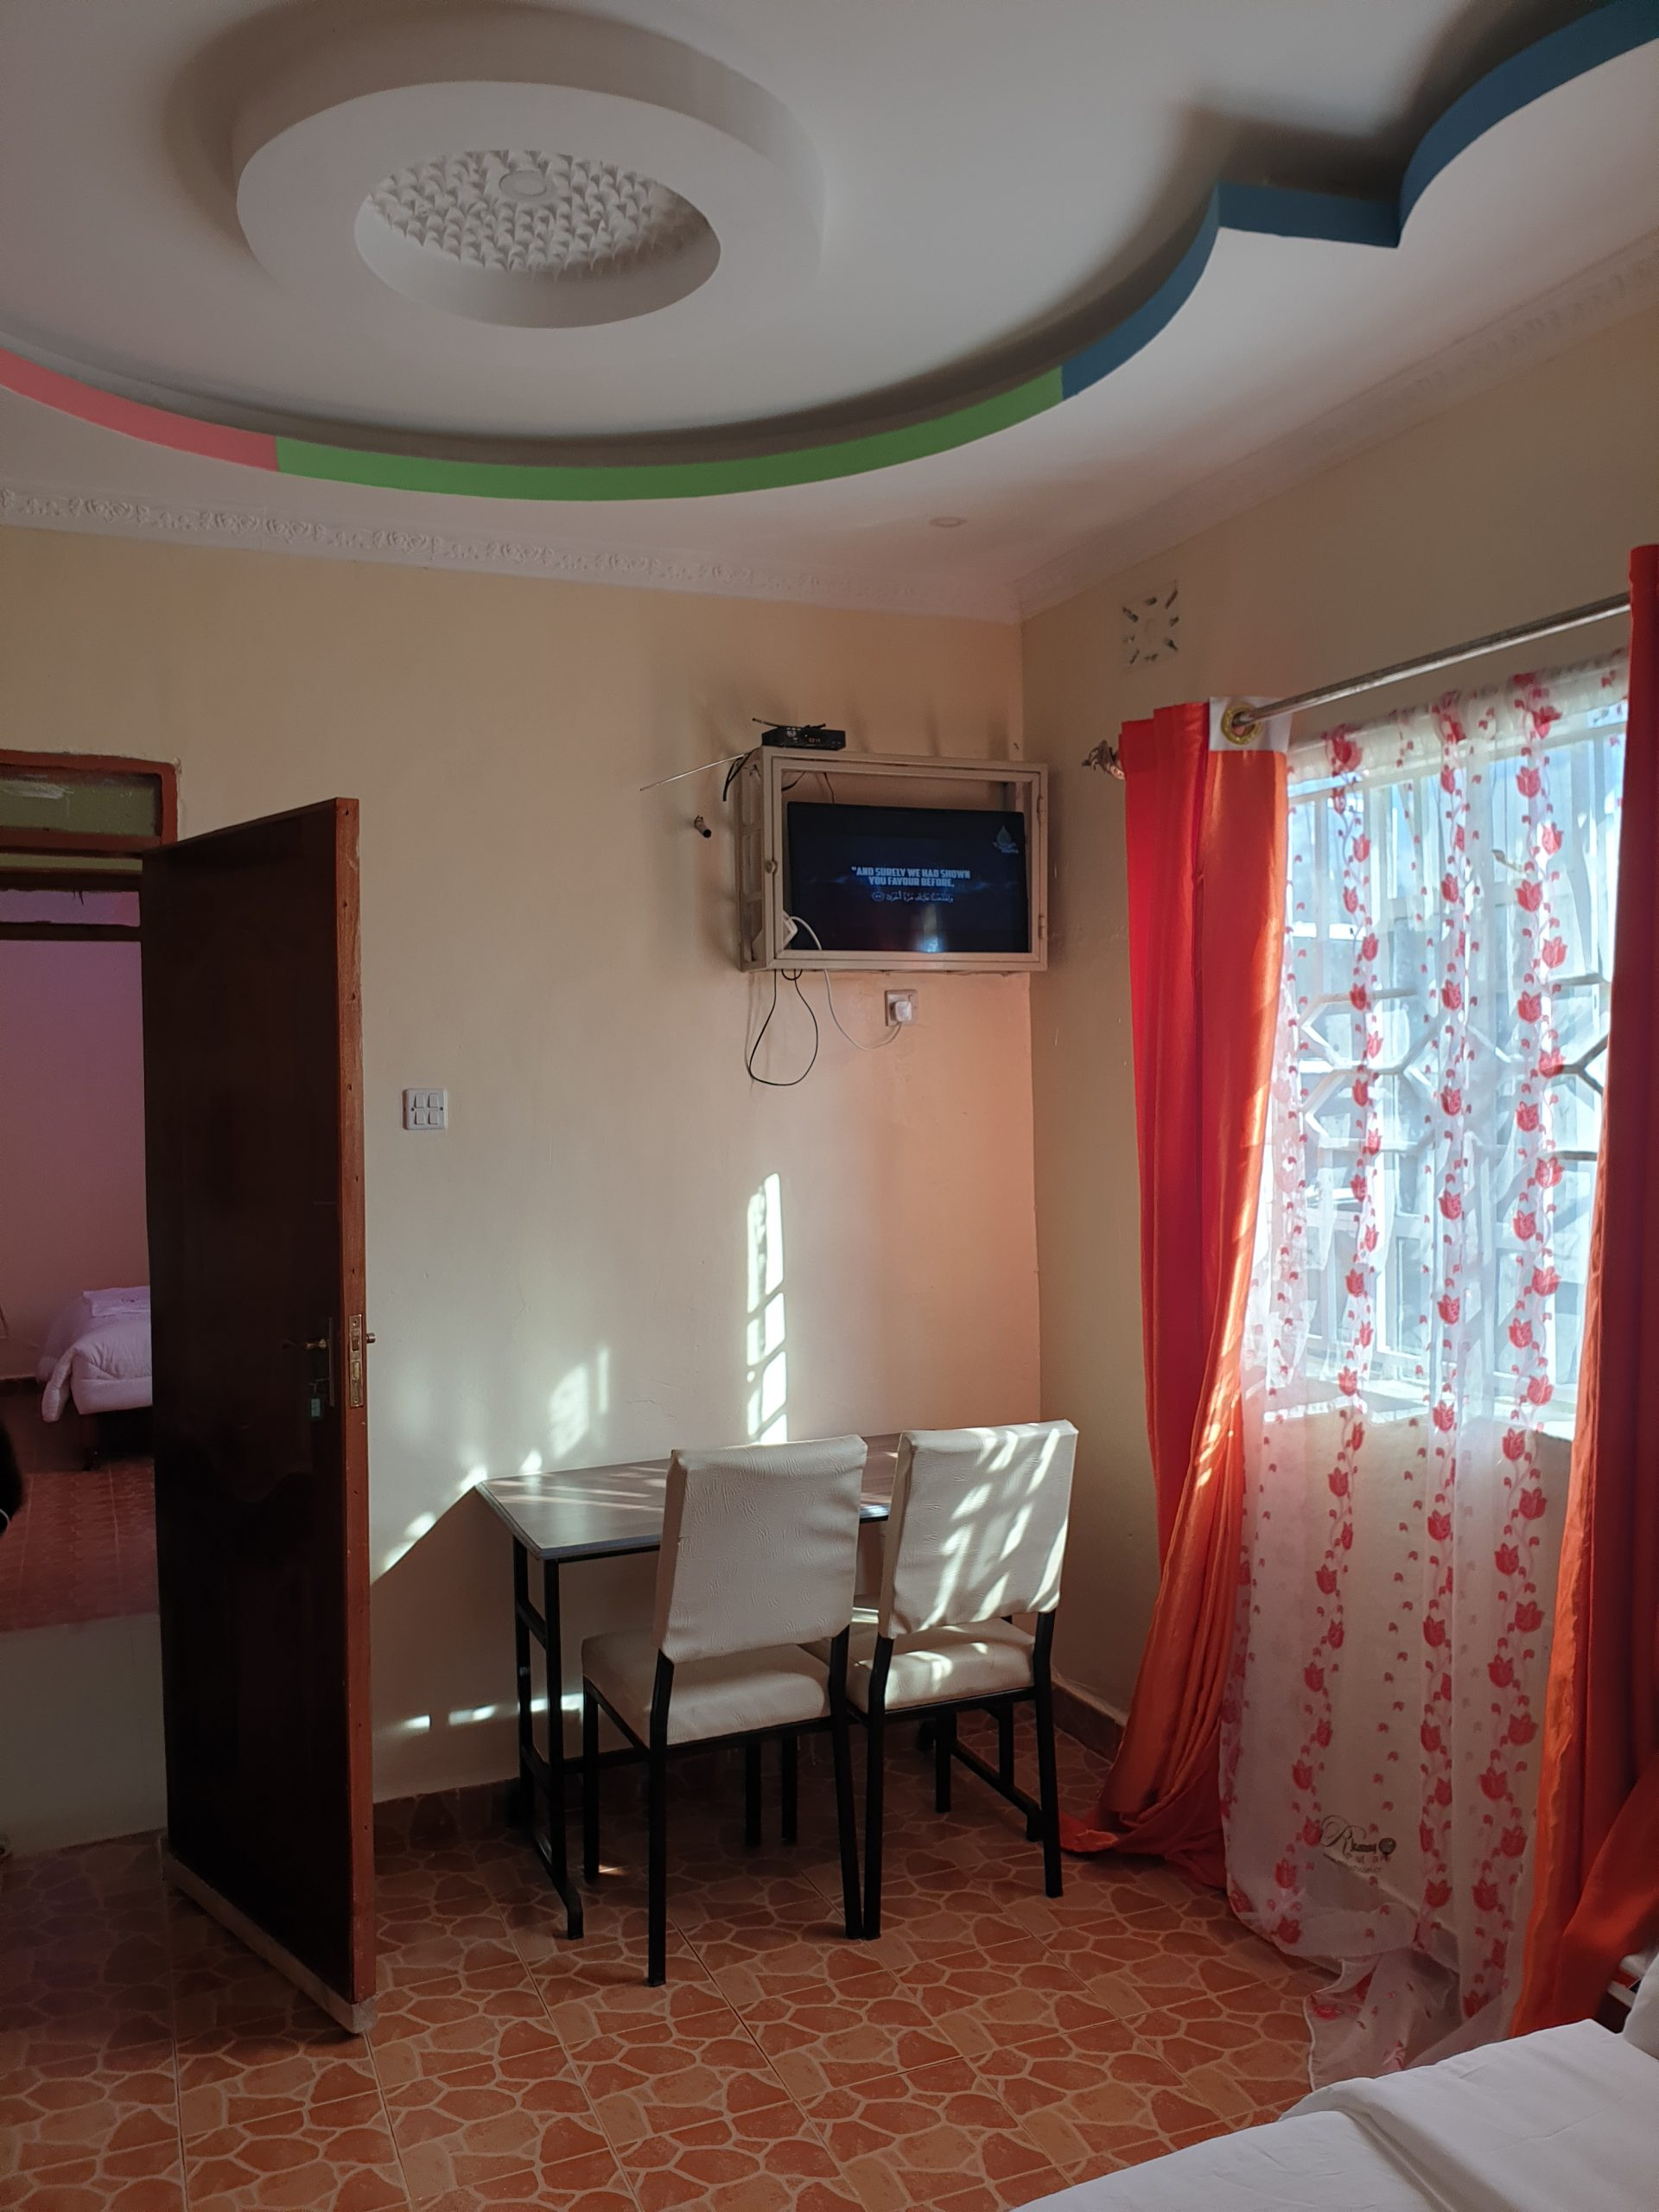 Restal-hotel-lanet-nakuru-kenya-bed-breakfast-family-room